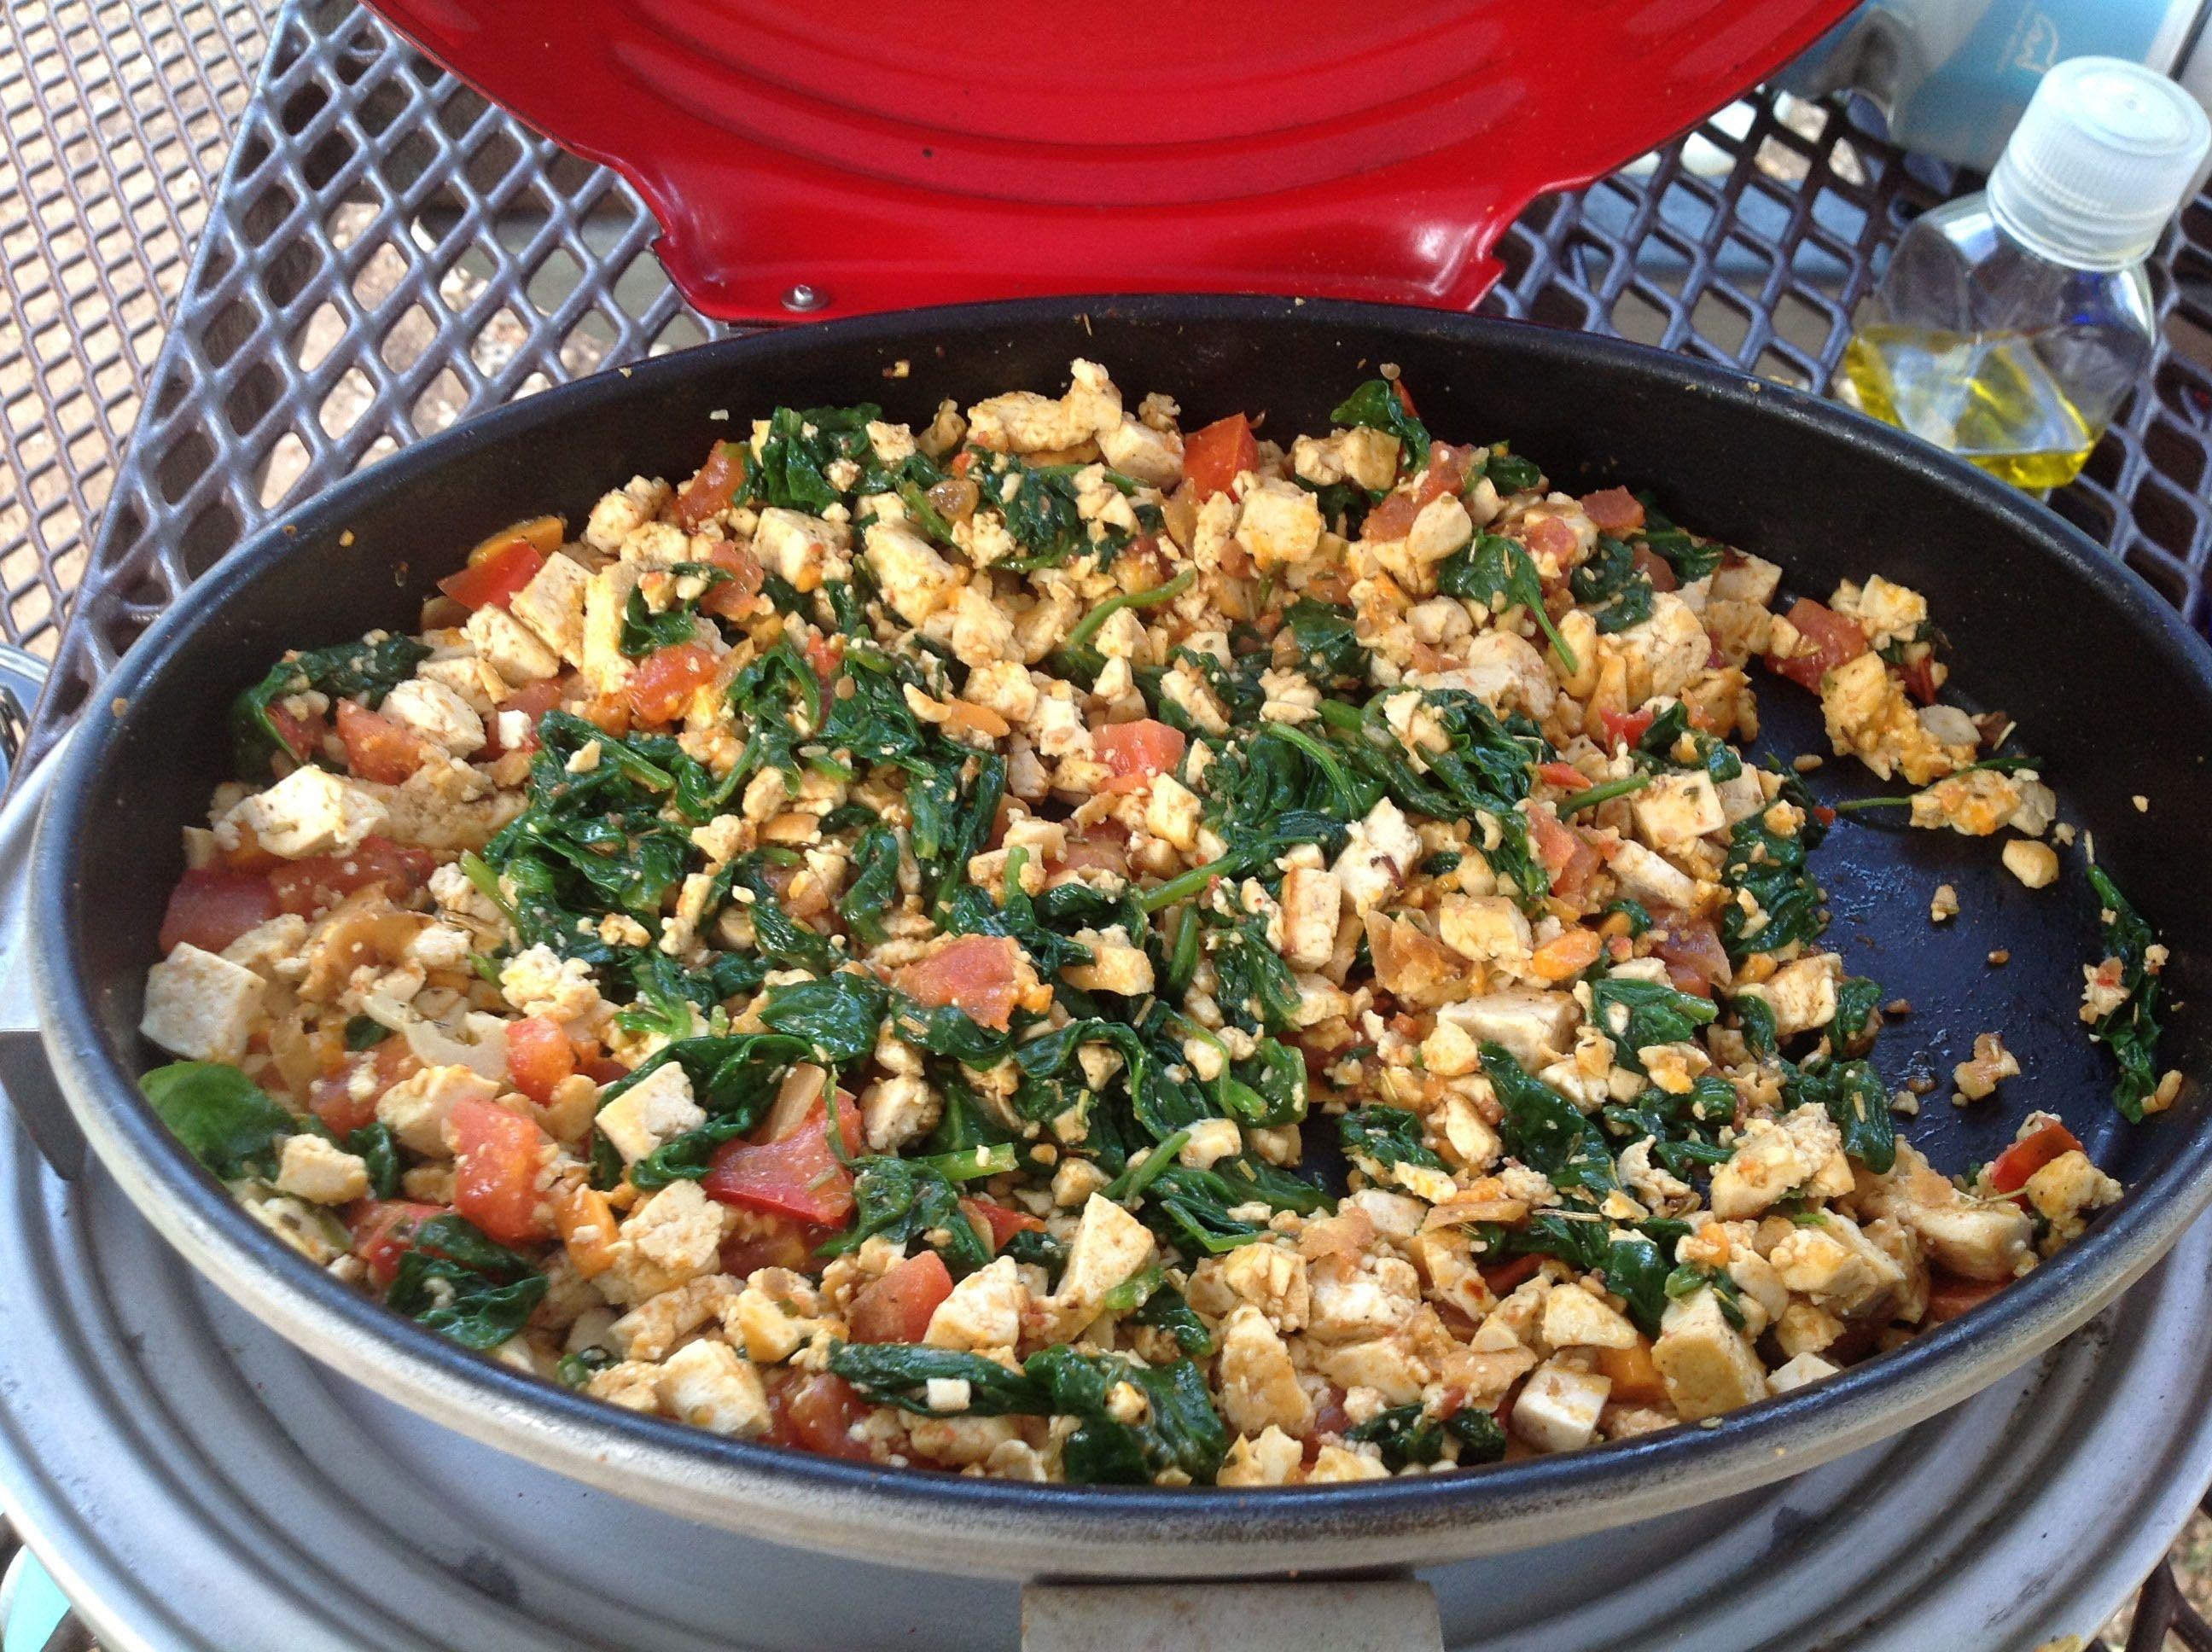 Camping tofu scramble vegan gluten free this savory